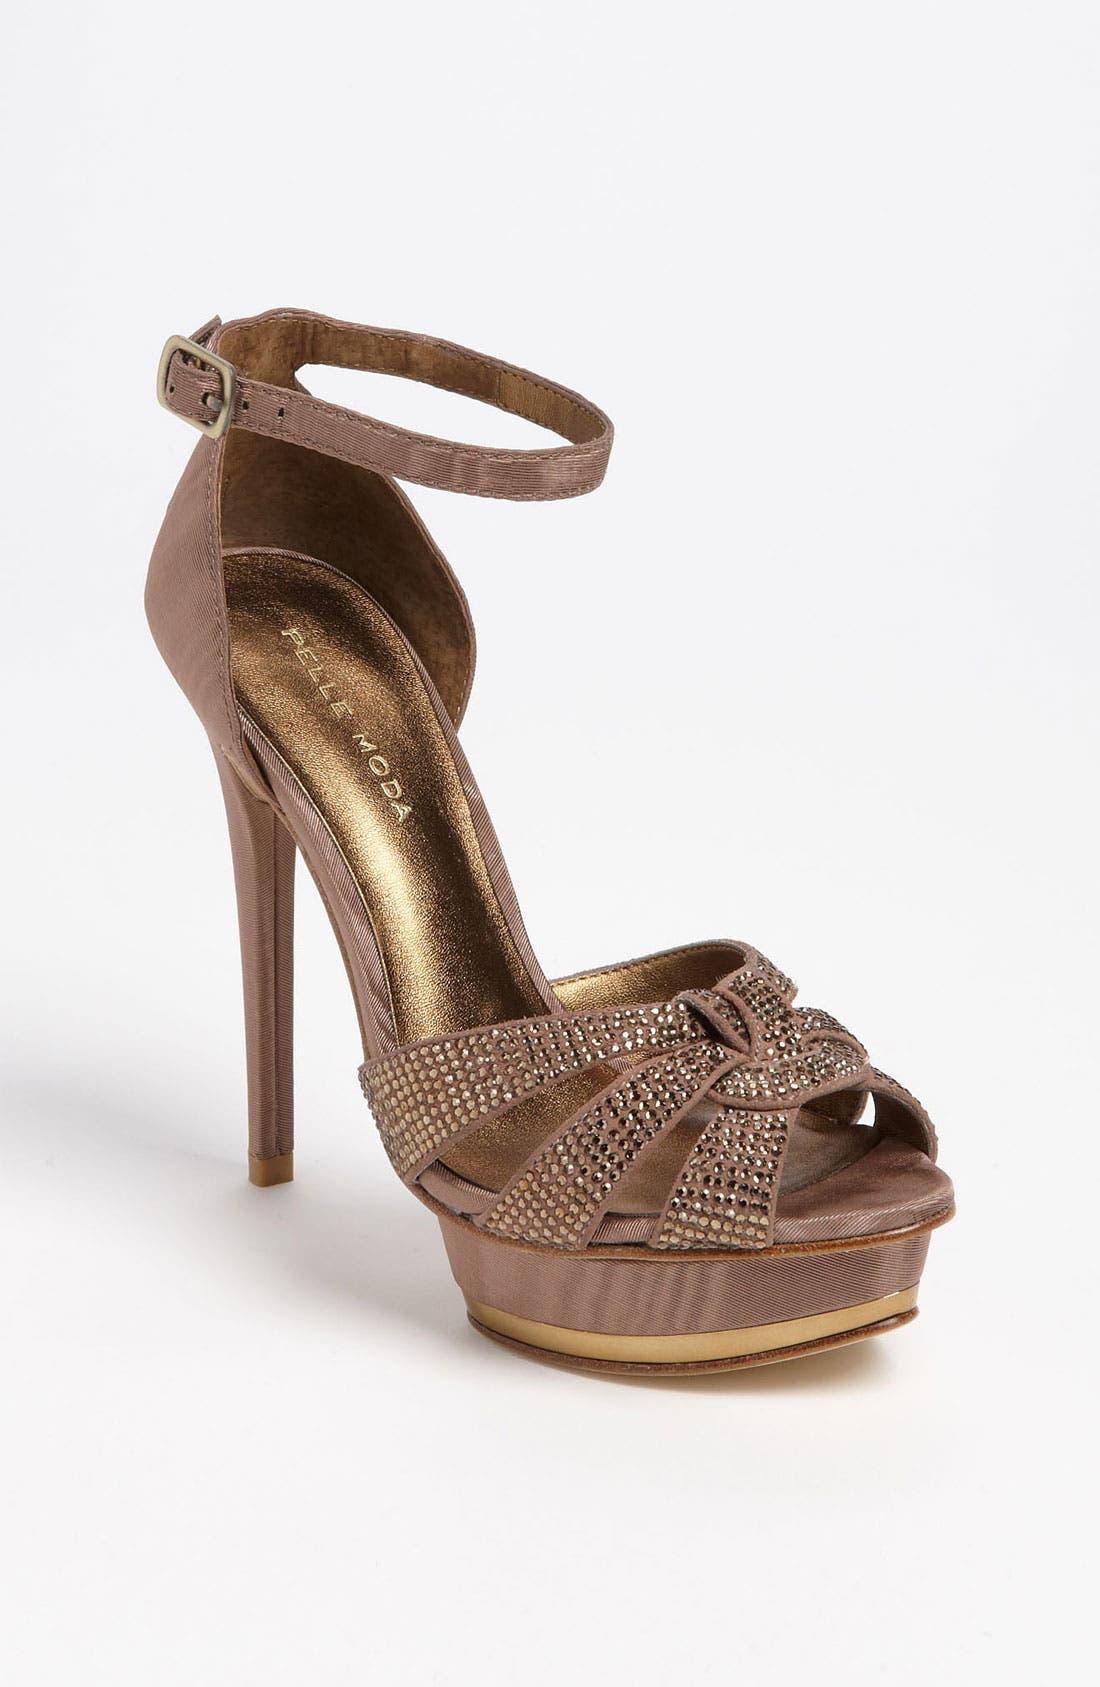 Main Image - Pelle Moda 'Ava' Sandal